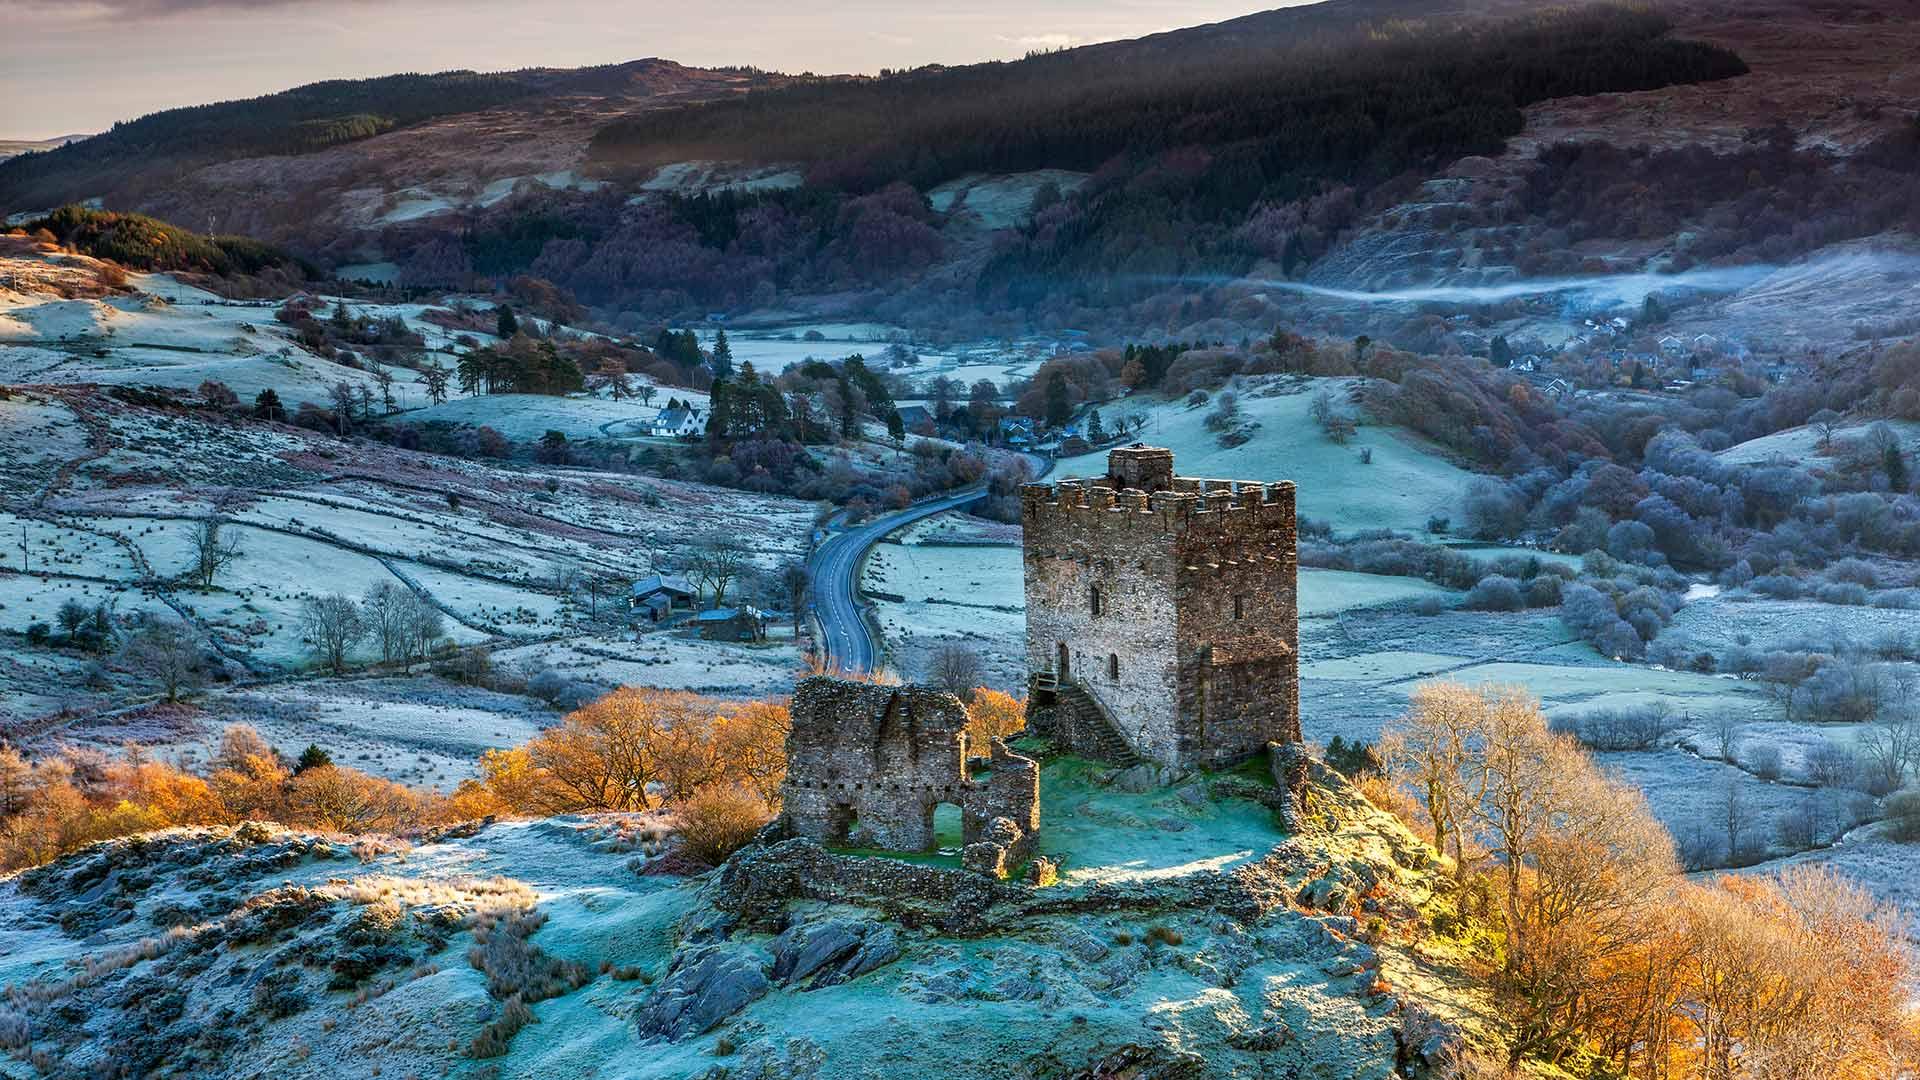 斯诺多尼亚国家公园多尔威泽兰城堡多尔威泽兰城堡